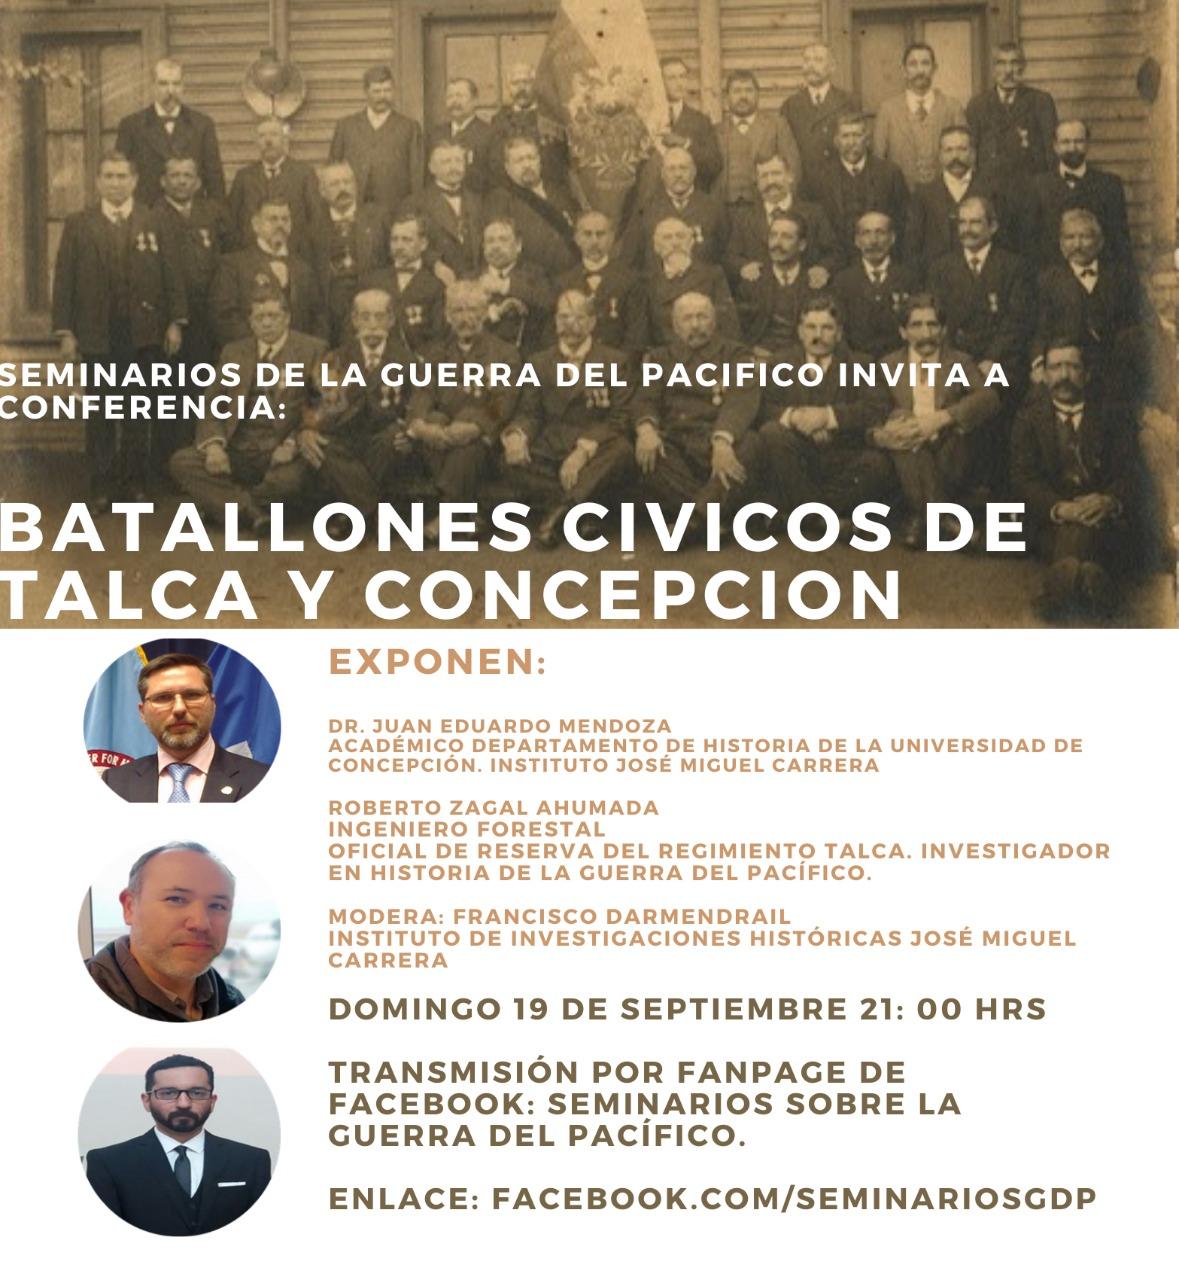 invitacion-seminario-batallones-civicos-de-talca-y-concepcion